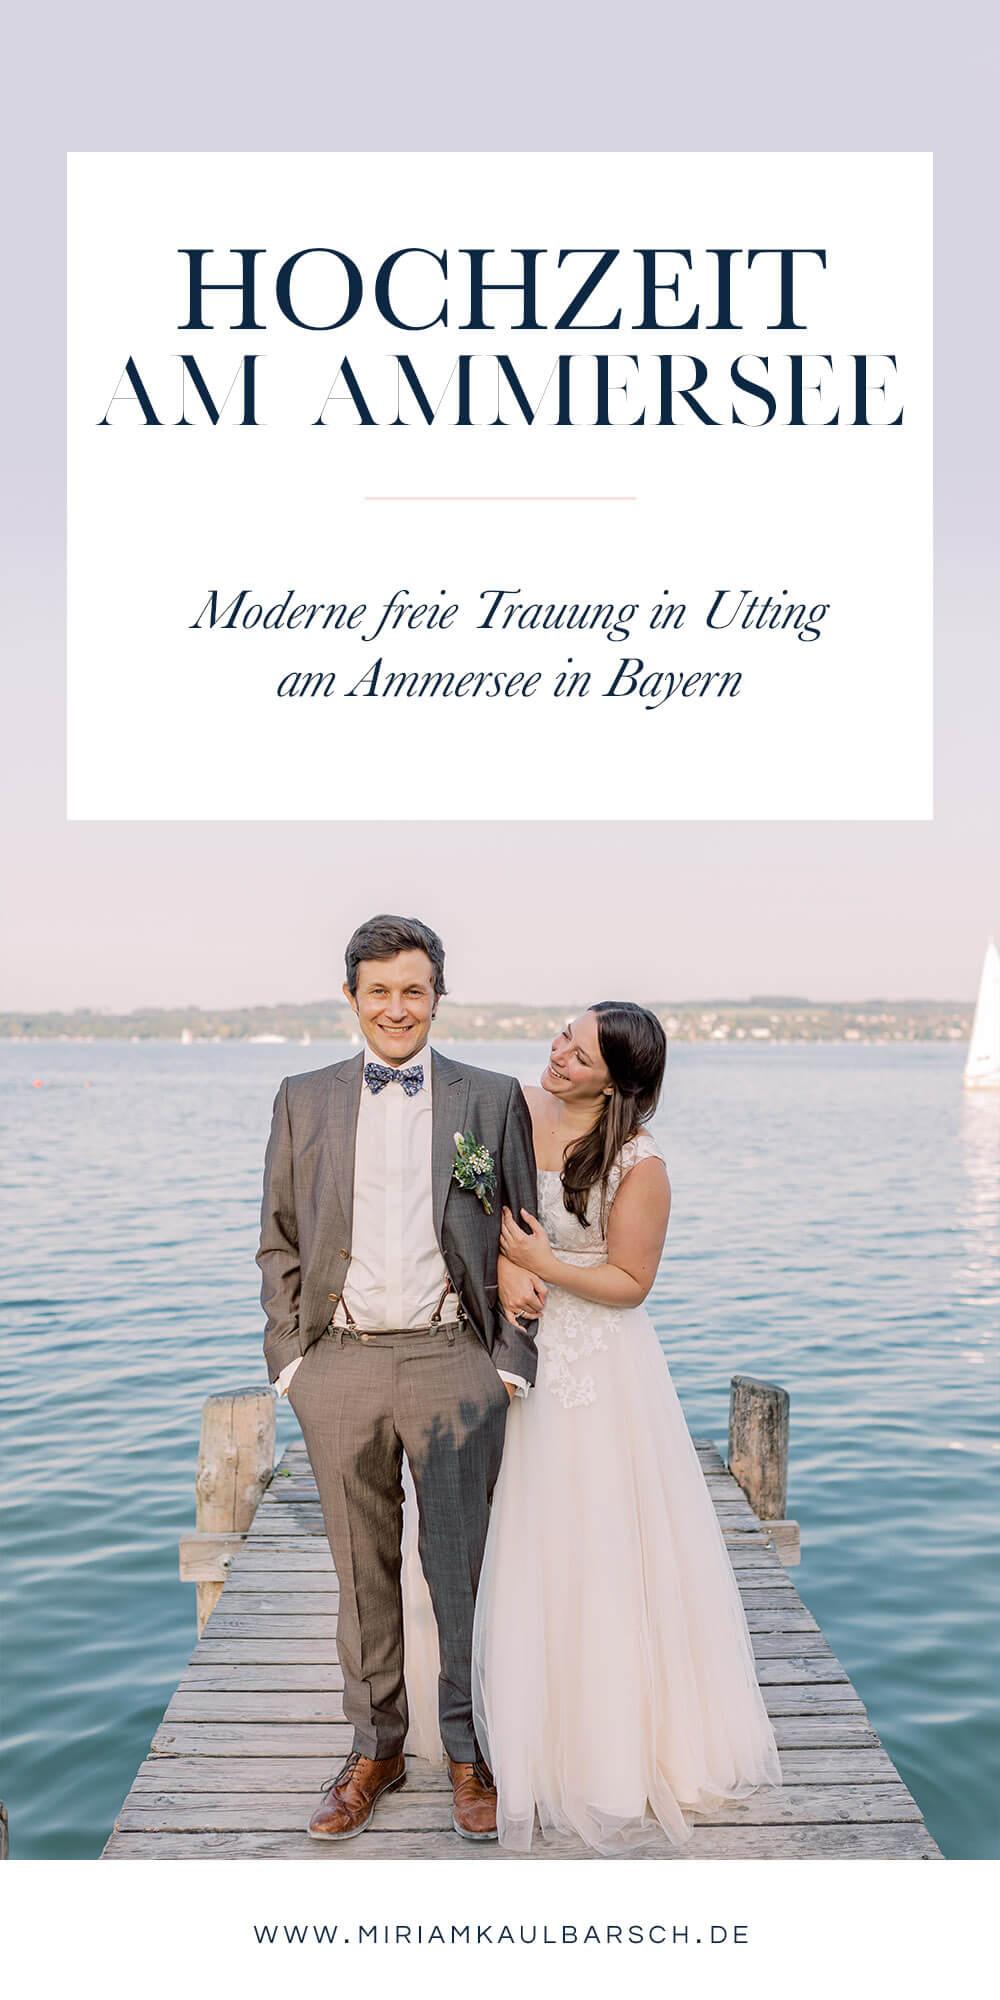 Hochzeit in Utting am Ammersee - Moderne freie Trauung in Bayern